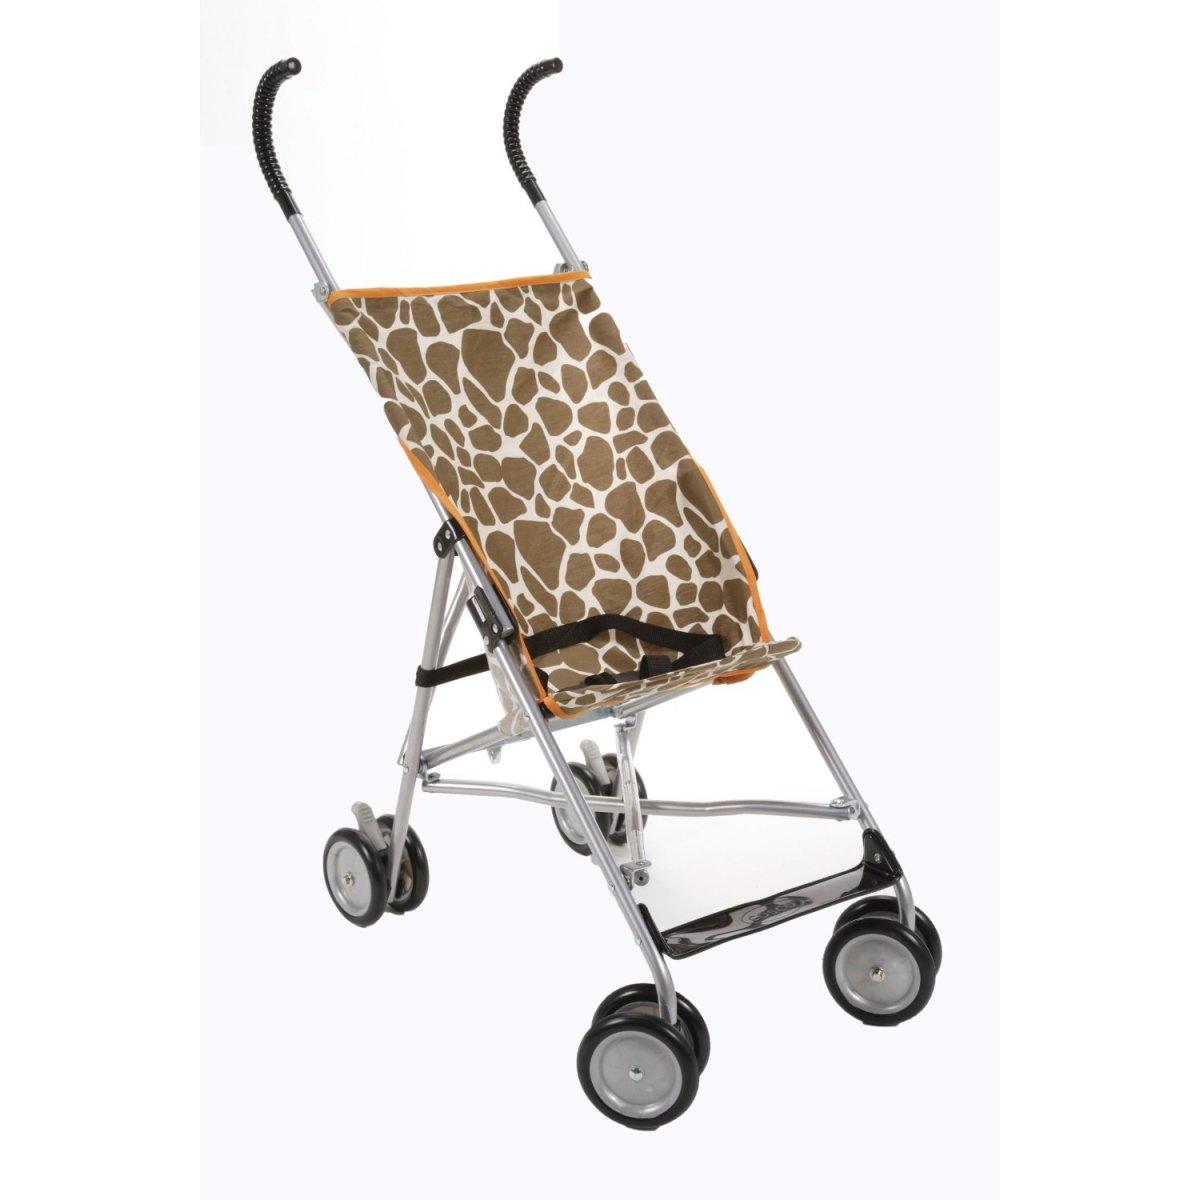 Cosco Umbrella Stroller Giraffe